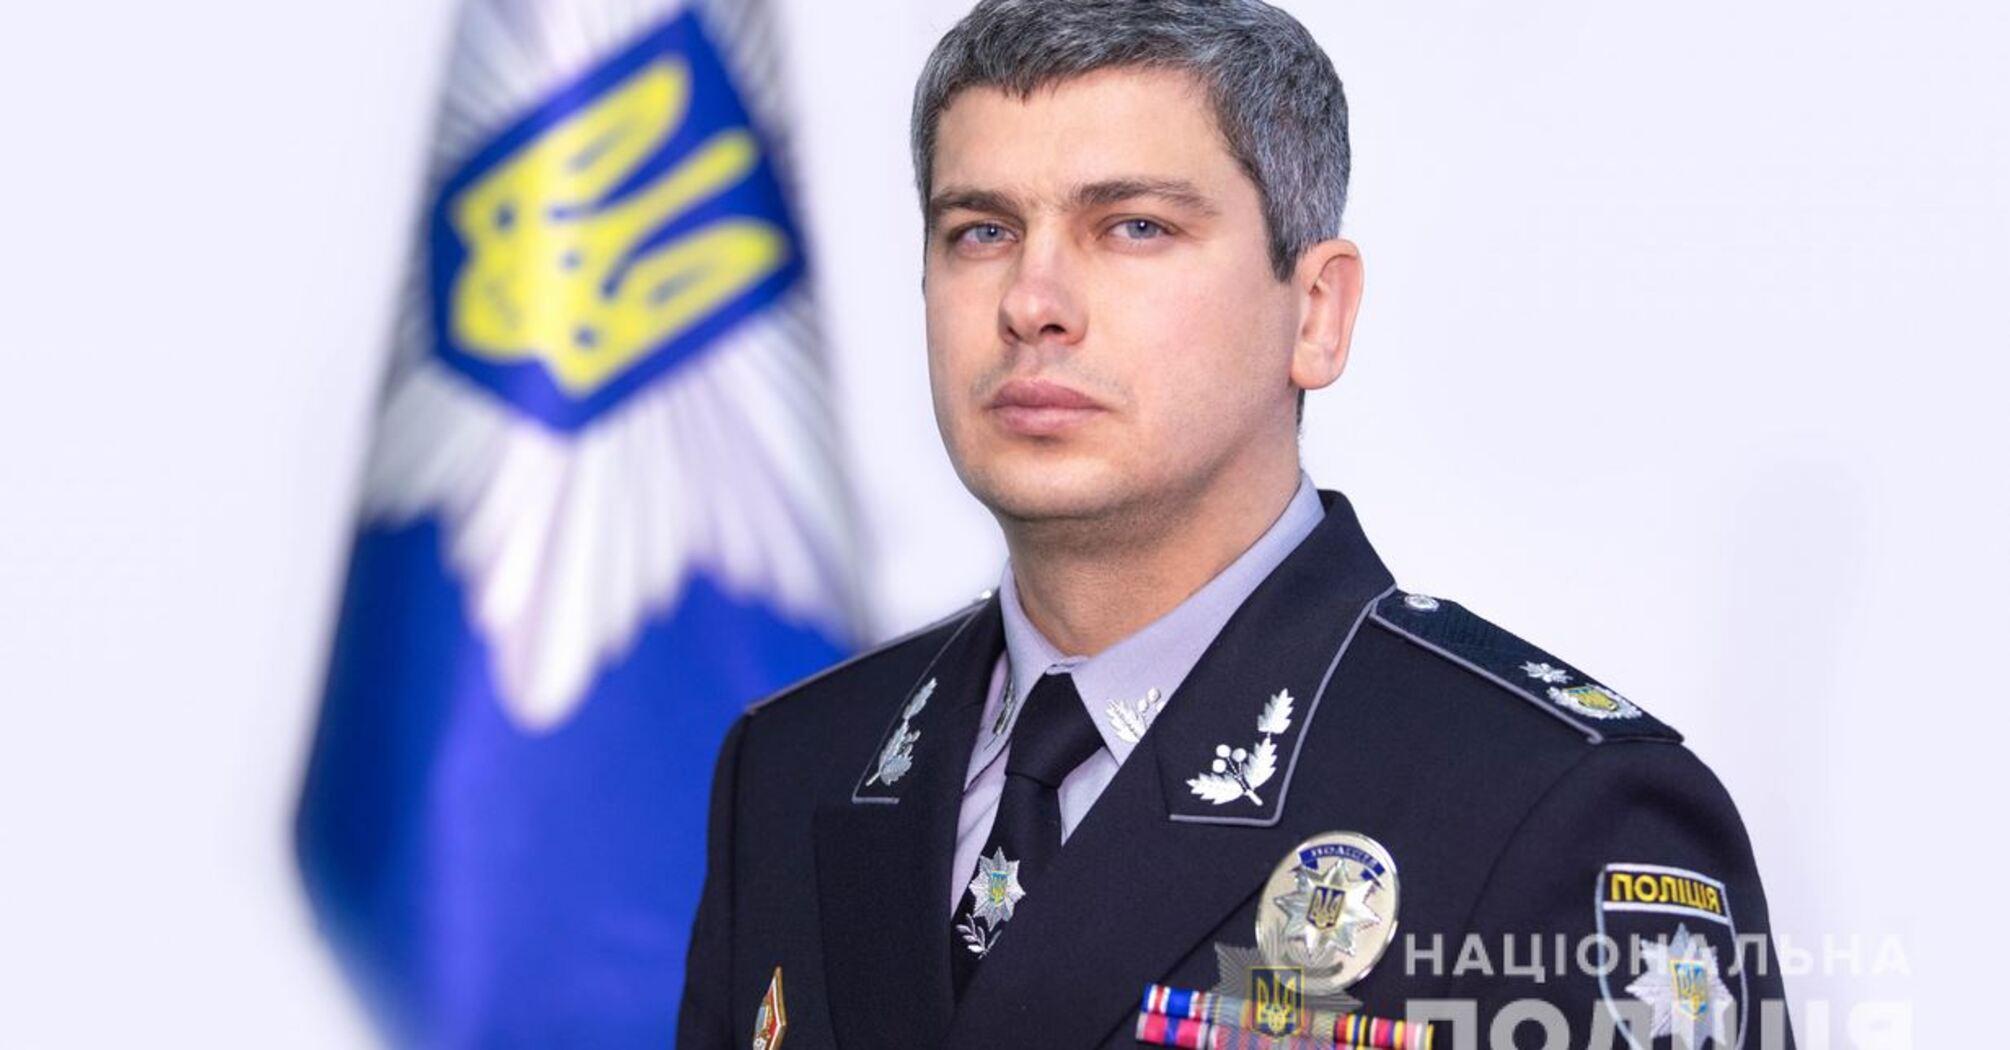 Кто такой Евгений Коваль и почему у него конфликт с журналистами Bihus.info